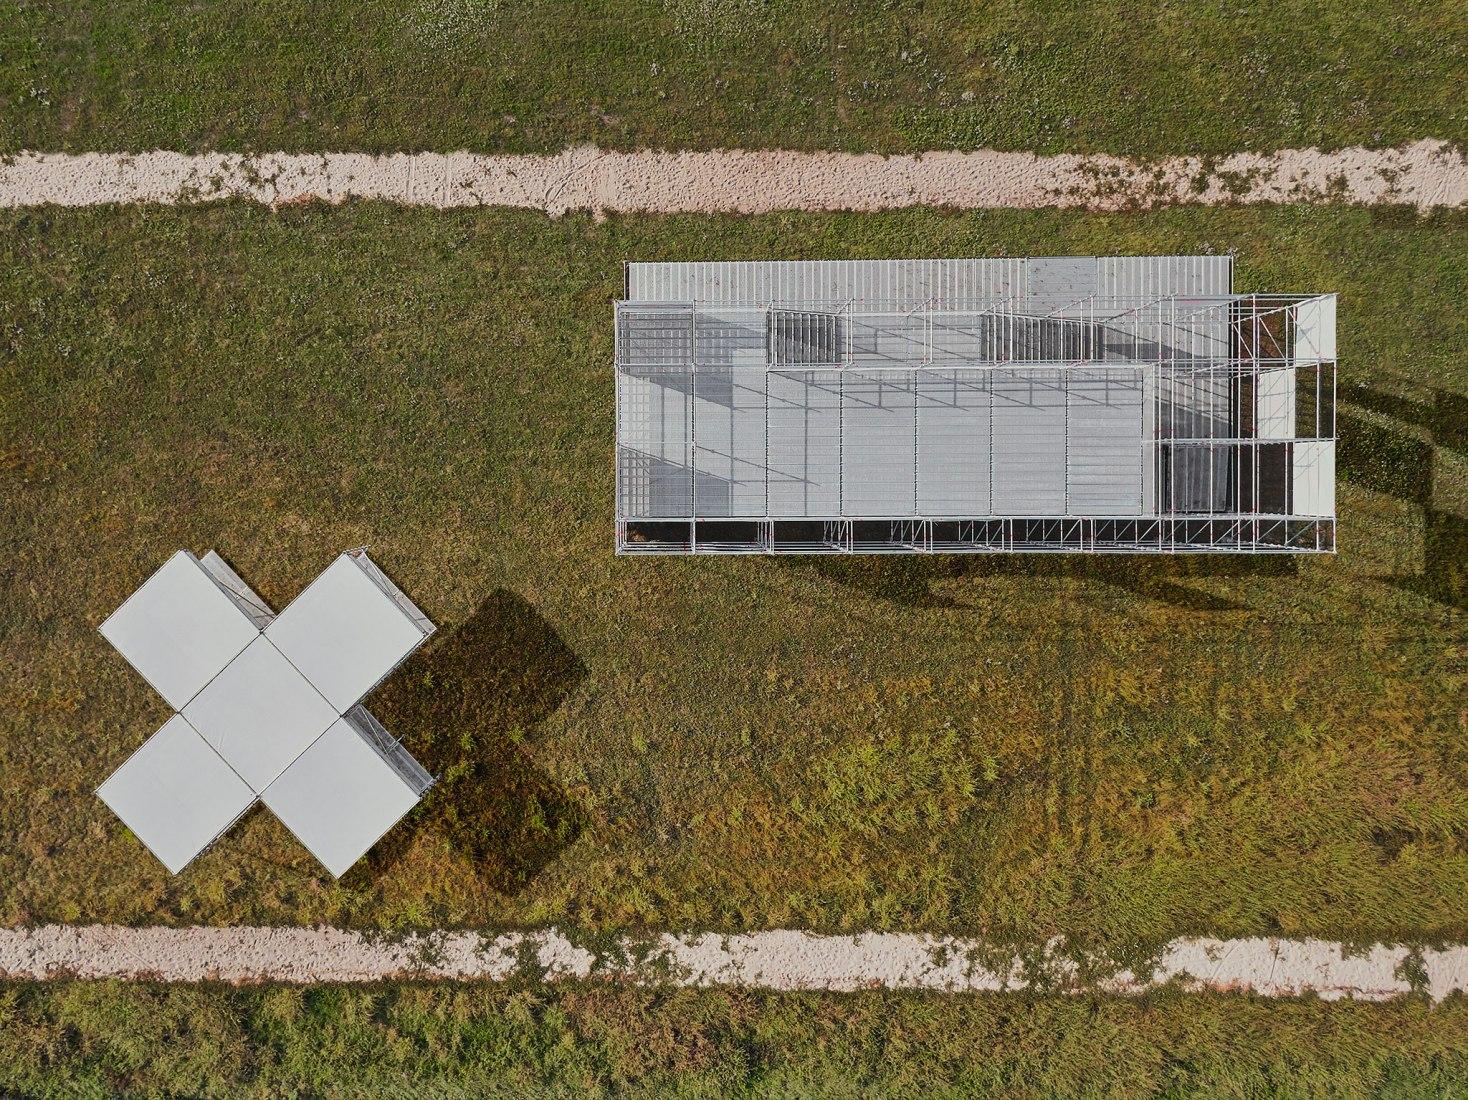 Actividades en el río Sava por Openact Architecture + Sara Palomar Studio. Fotografía por Marko Mihaljević